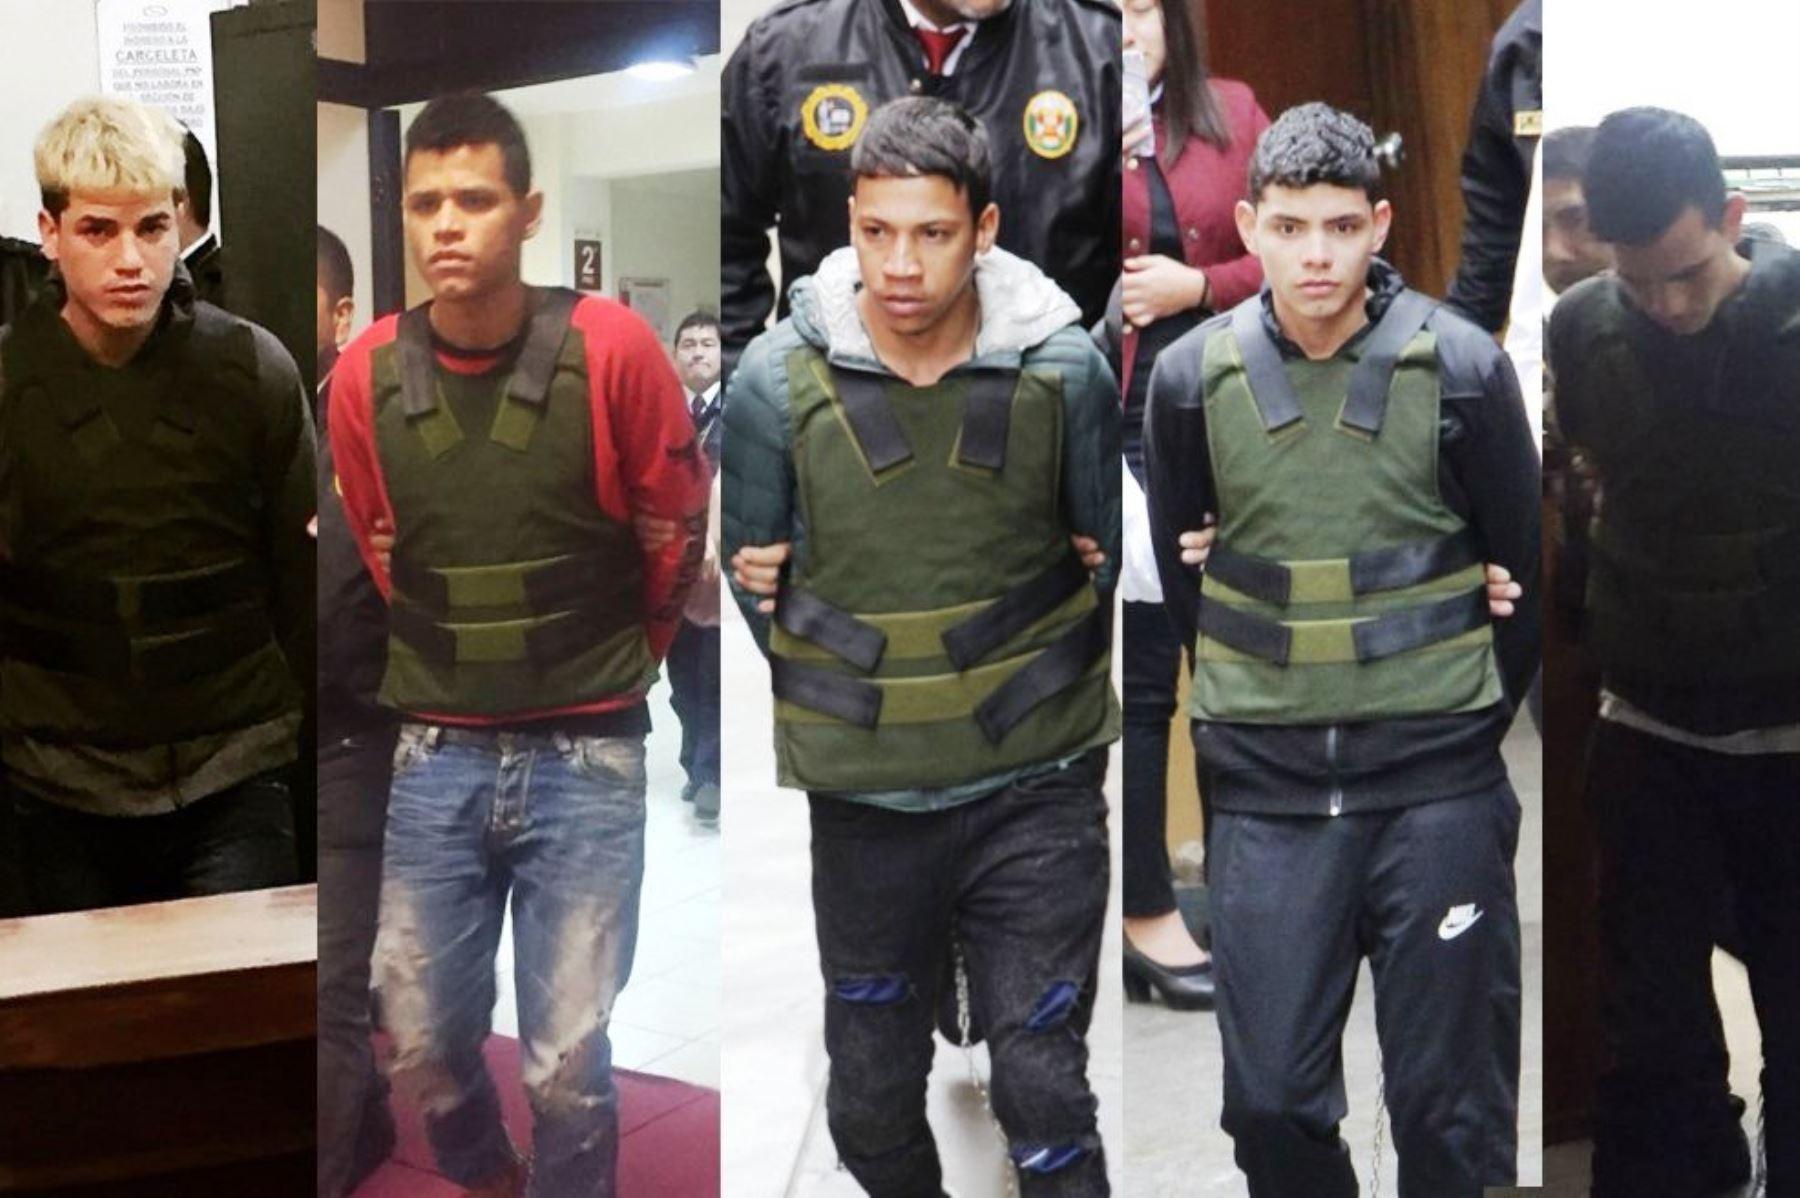 Condenan a prisión a venezolanos detenidos en Plaza Norte. Foto: ANDINA/Poder Judicial.